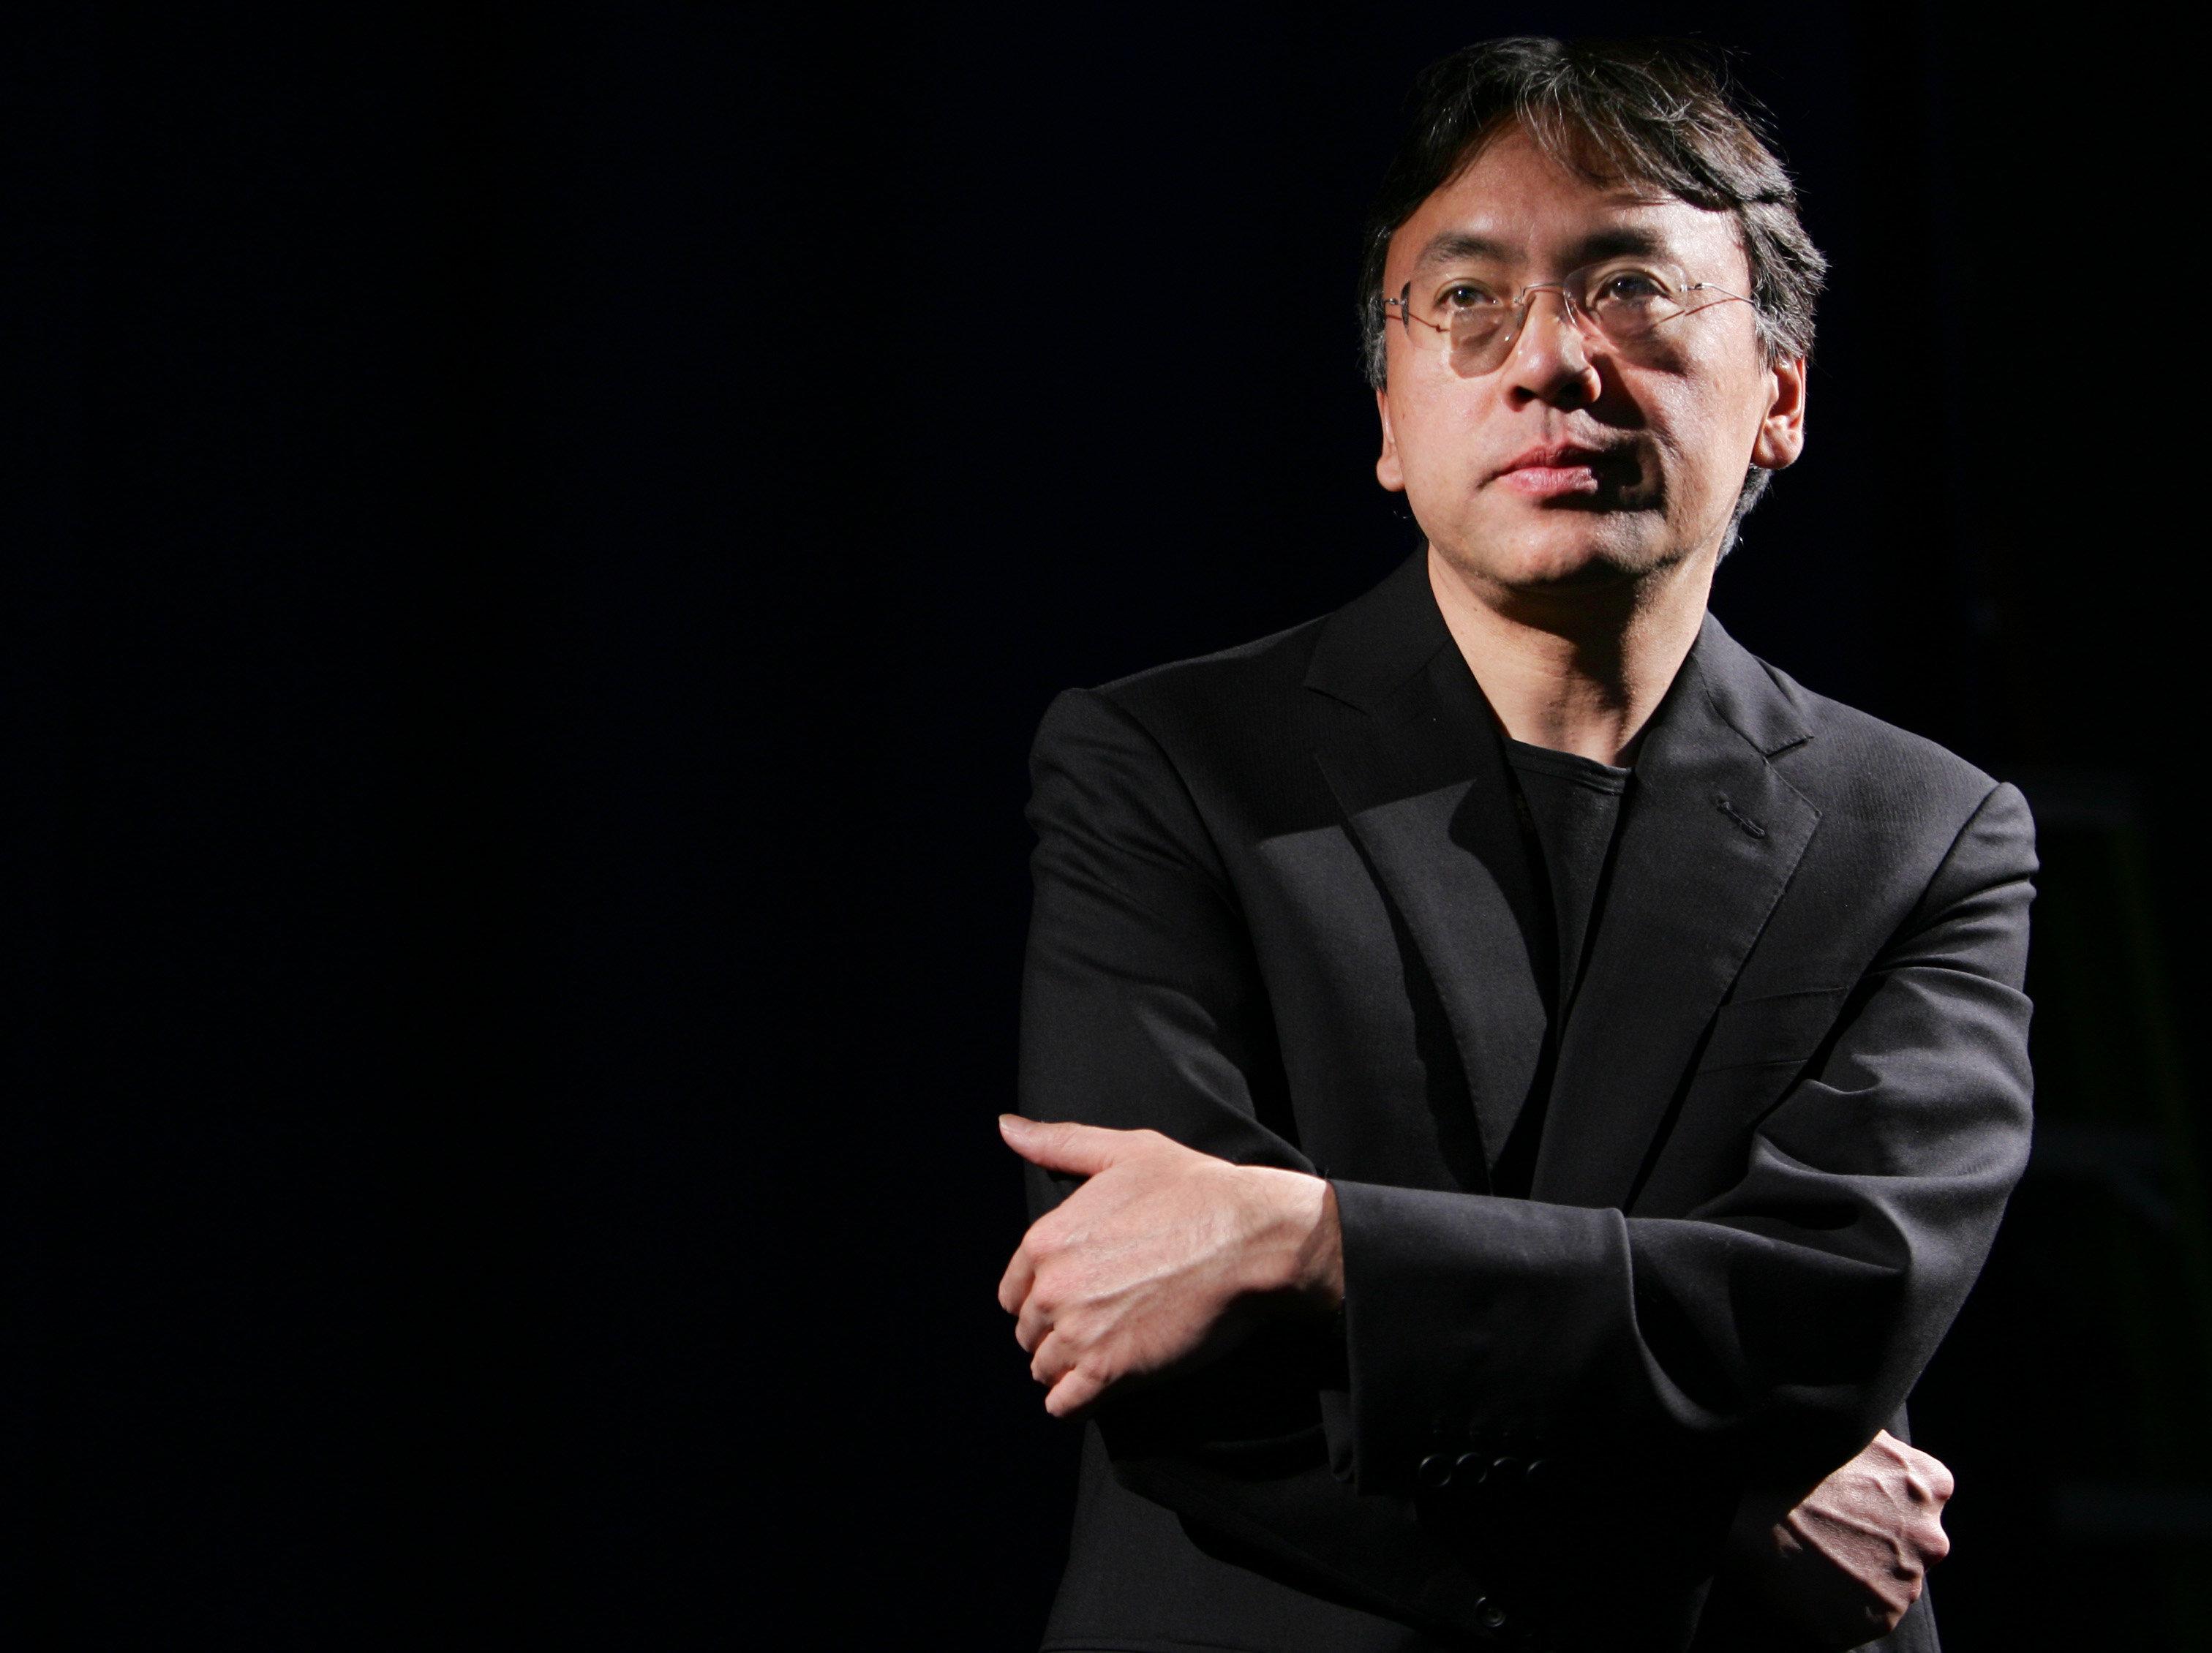 English Author Kazuo Ishiguro Wins The 2017 Nobel Prize In